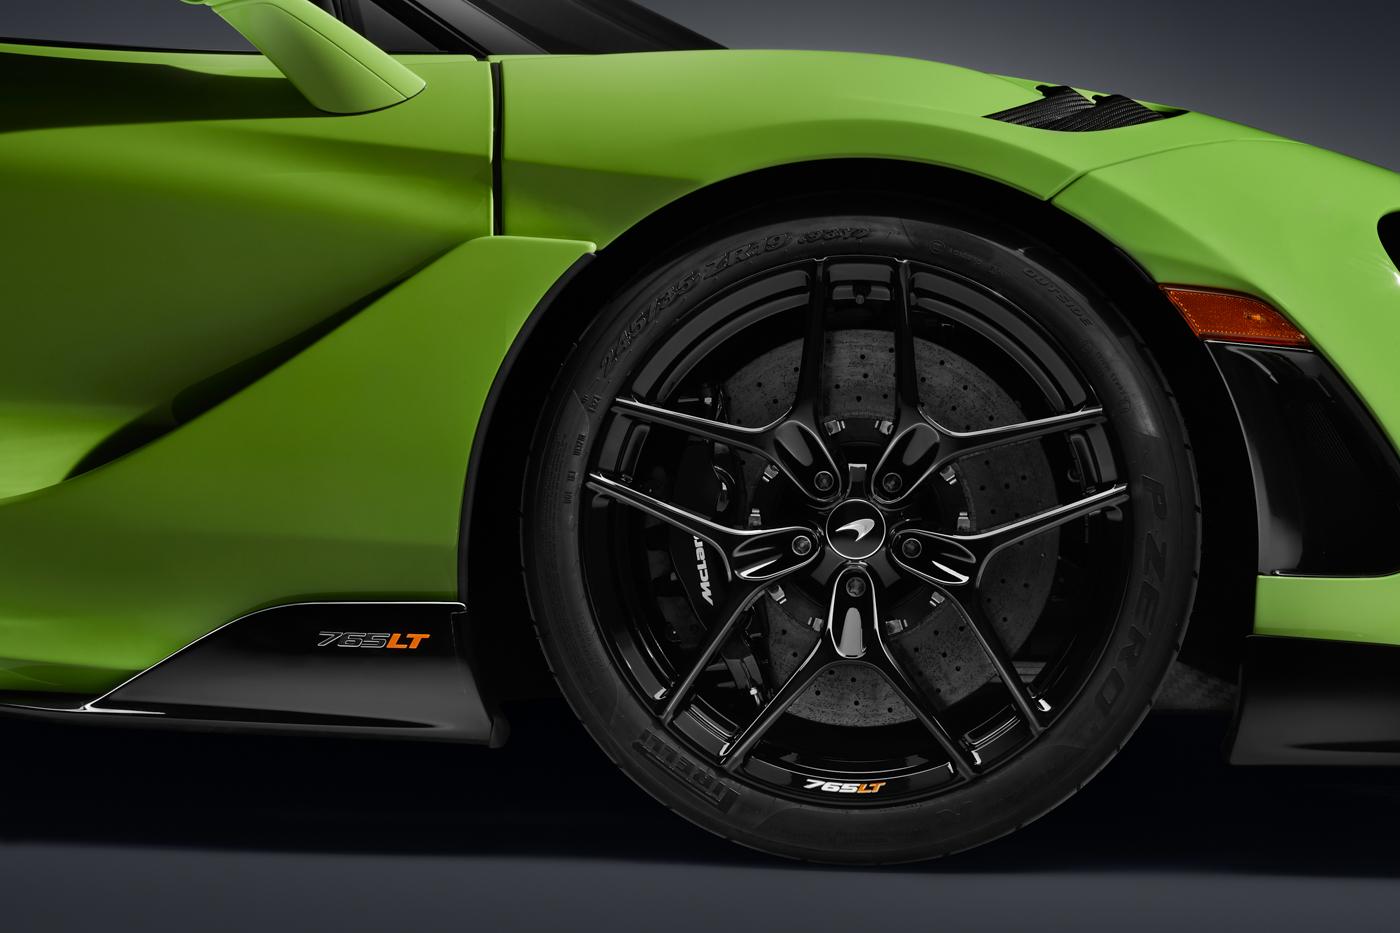 McLaren-765-LT-Spider-siêu-xe-mui-trần-hiệu-năng-cao-dẫn-đầu-phân-khúc-37.jpg